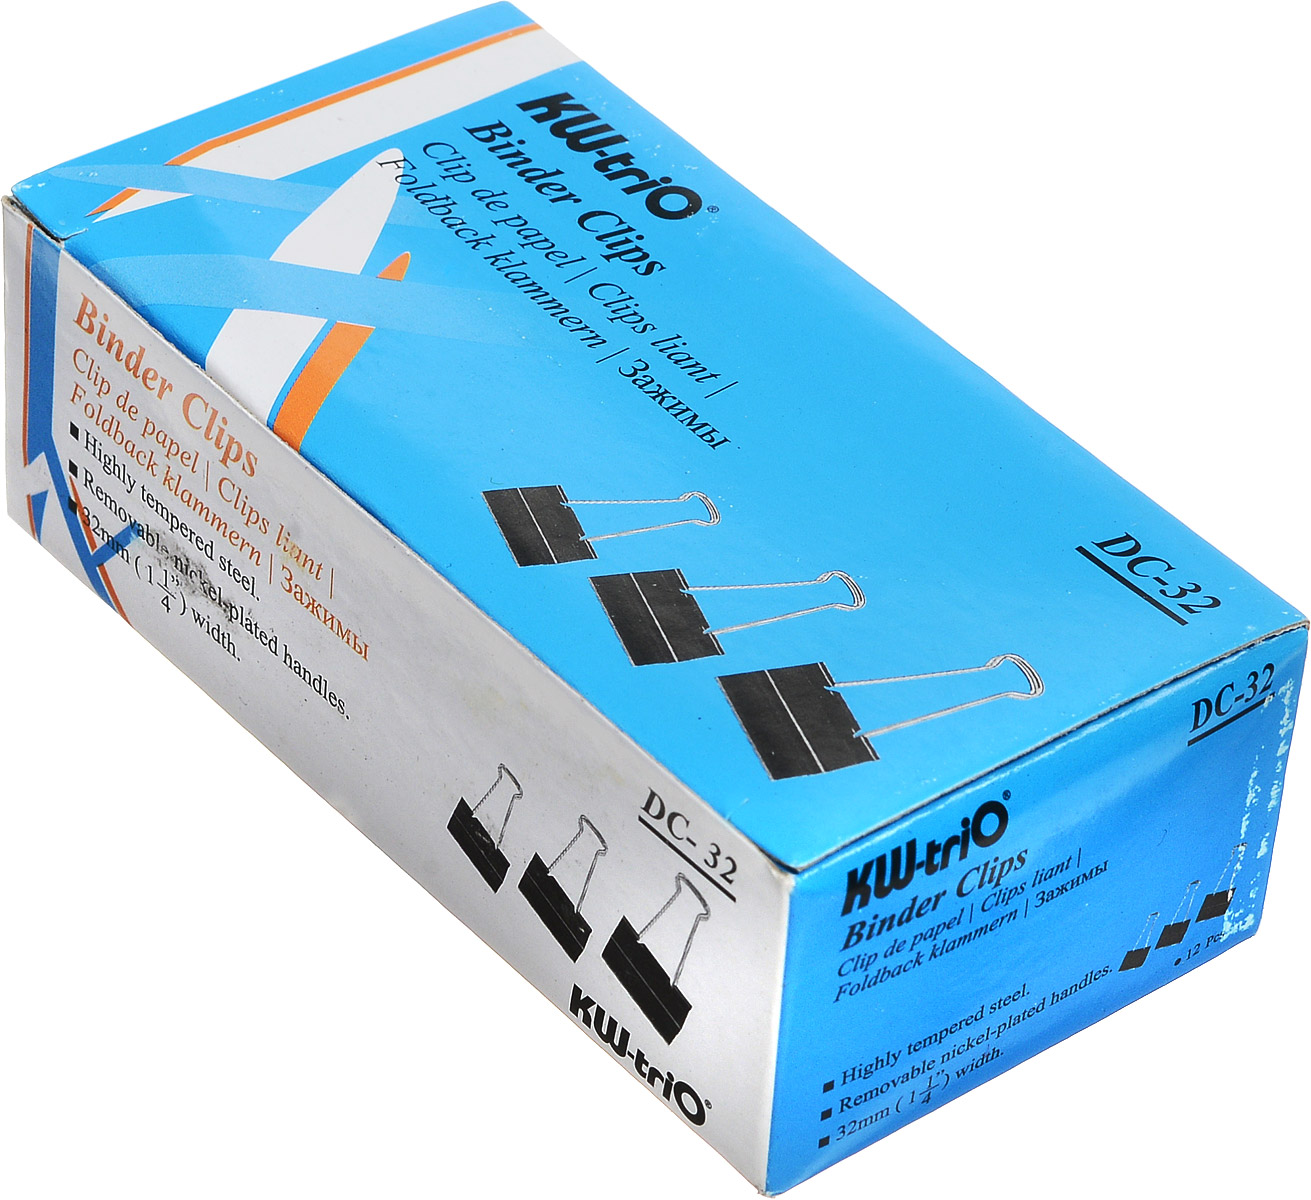 KW-Тrio Зажим для бумаг цвет черный 32 мм 12 штDC-32Зажим для бумаг KW-Тrio предназначен для скрепления бумажных носителей. Зажим выполнен из металла.В упаковке 12 зажимов черного цвета. Они надежно и легко скрепляют, не деформируют бумагу, не оставляют на ней следов.